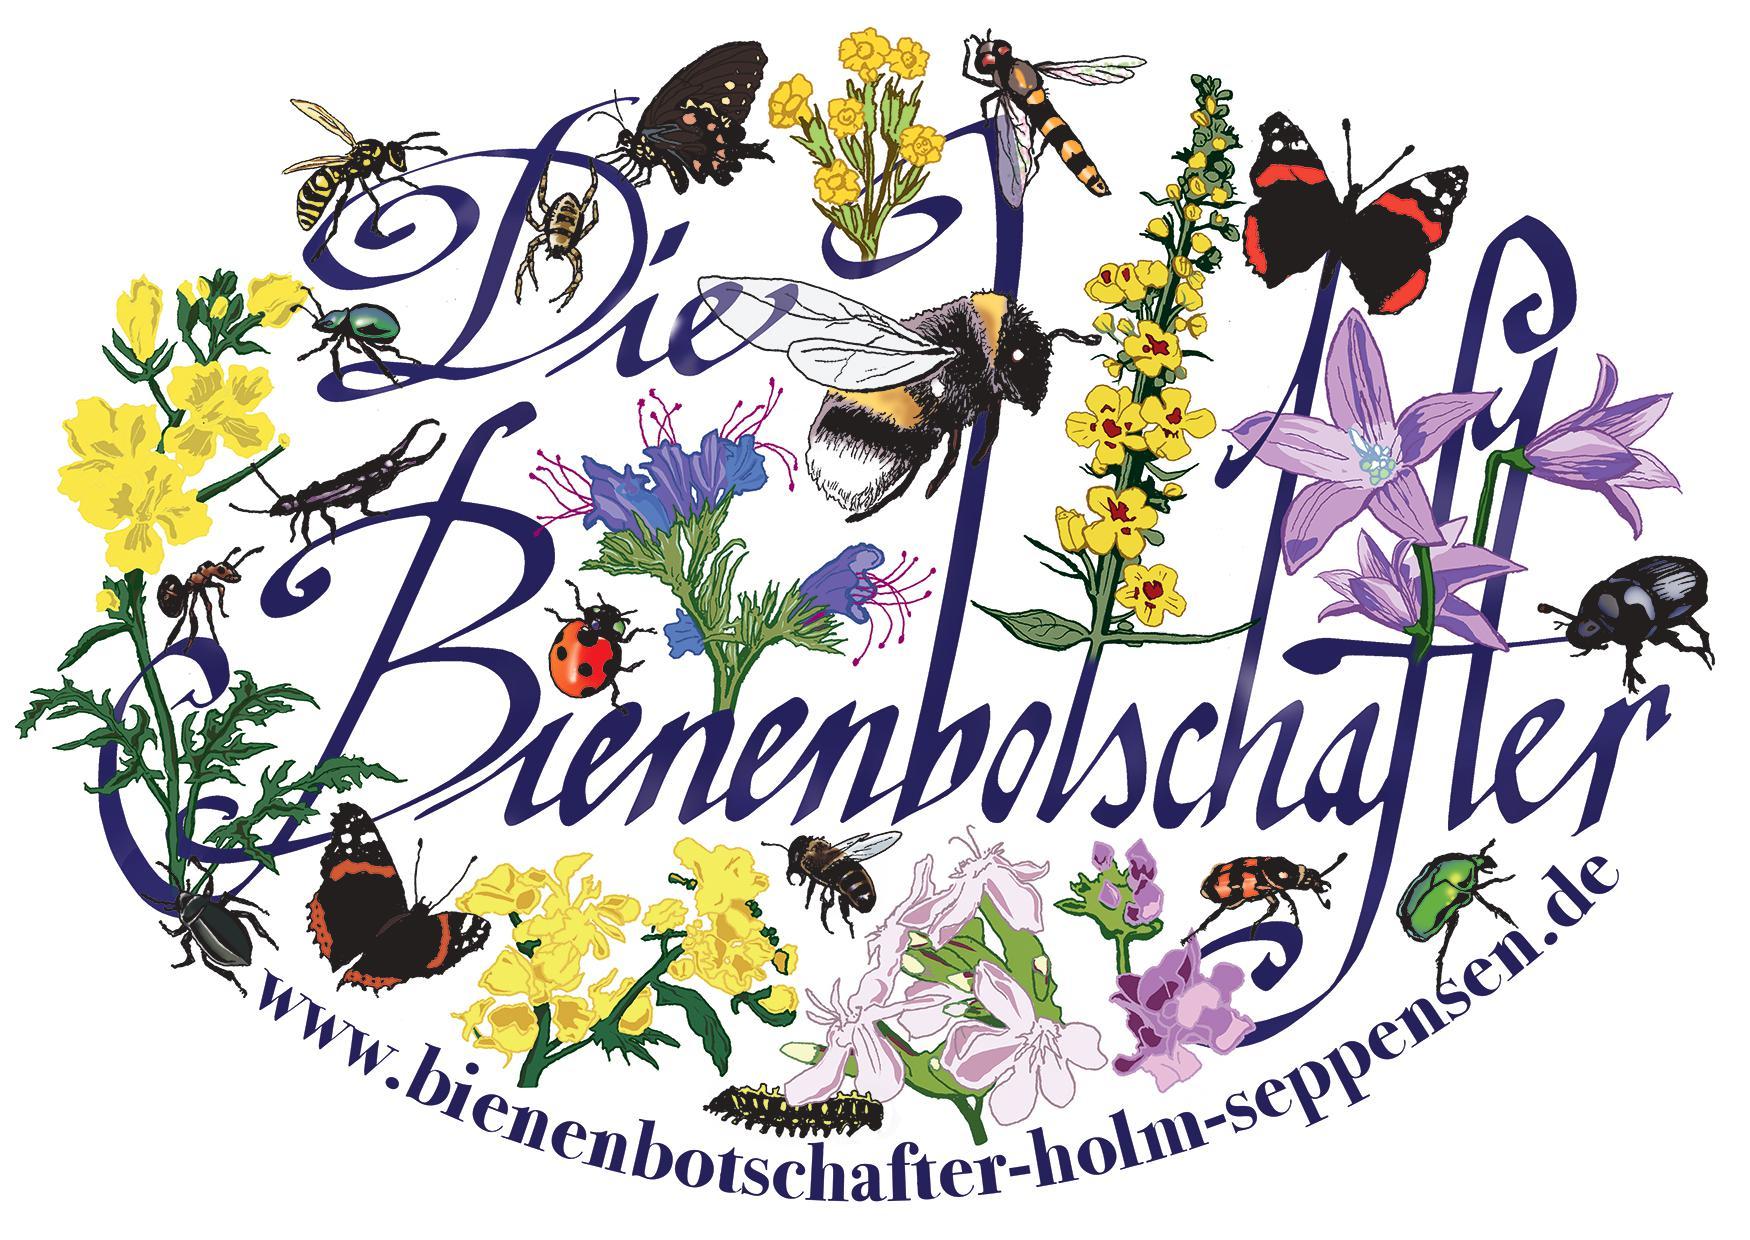 Bienenbotschafter Buchholz